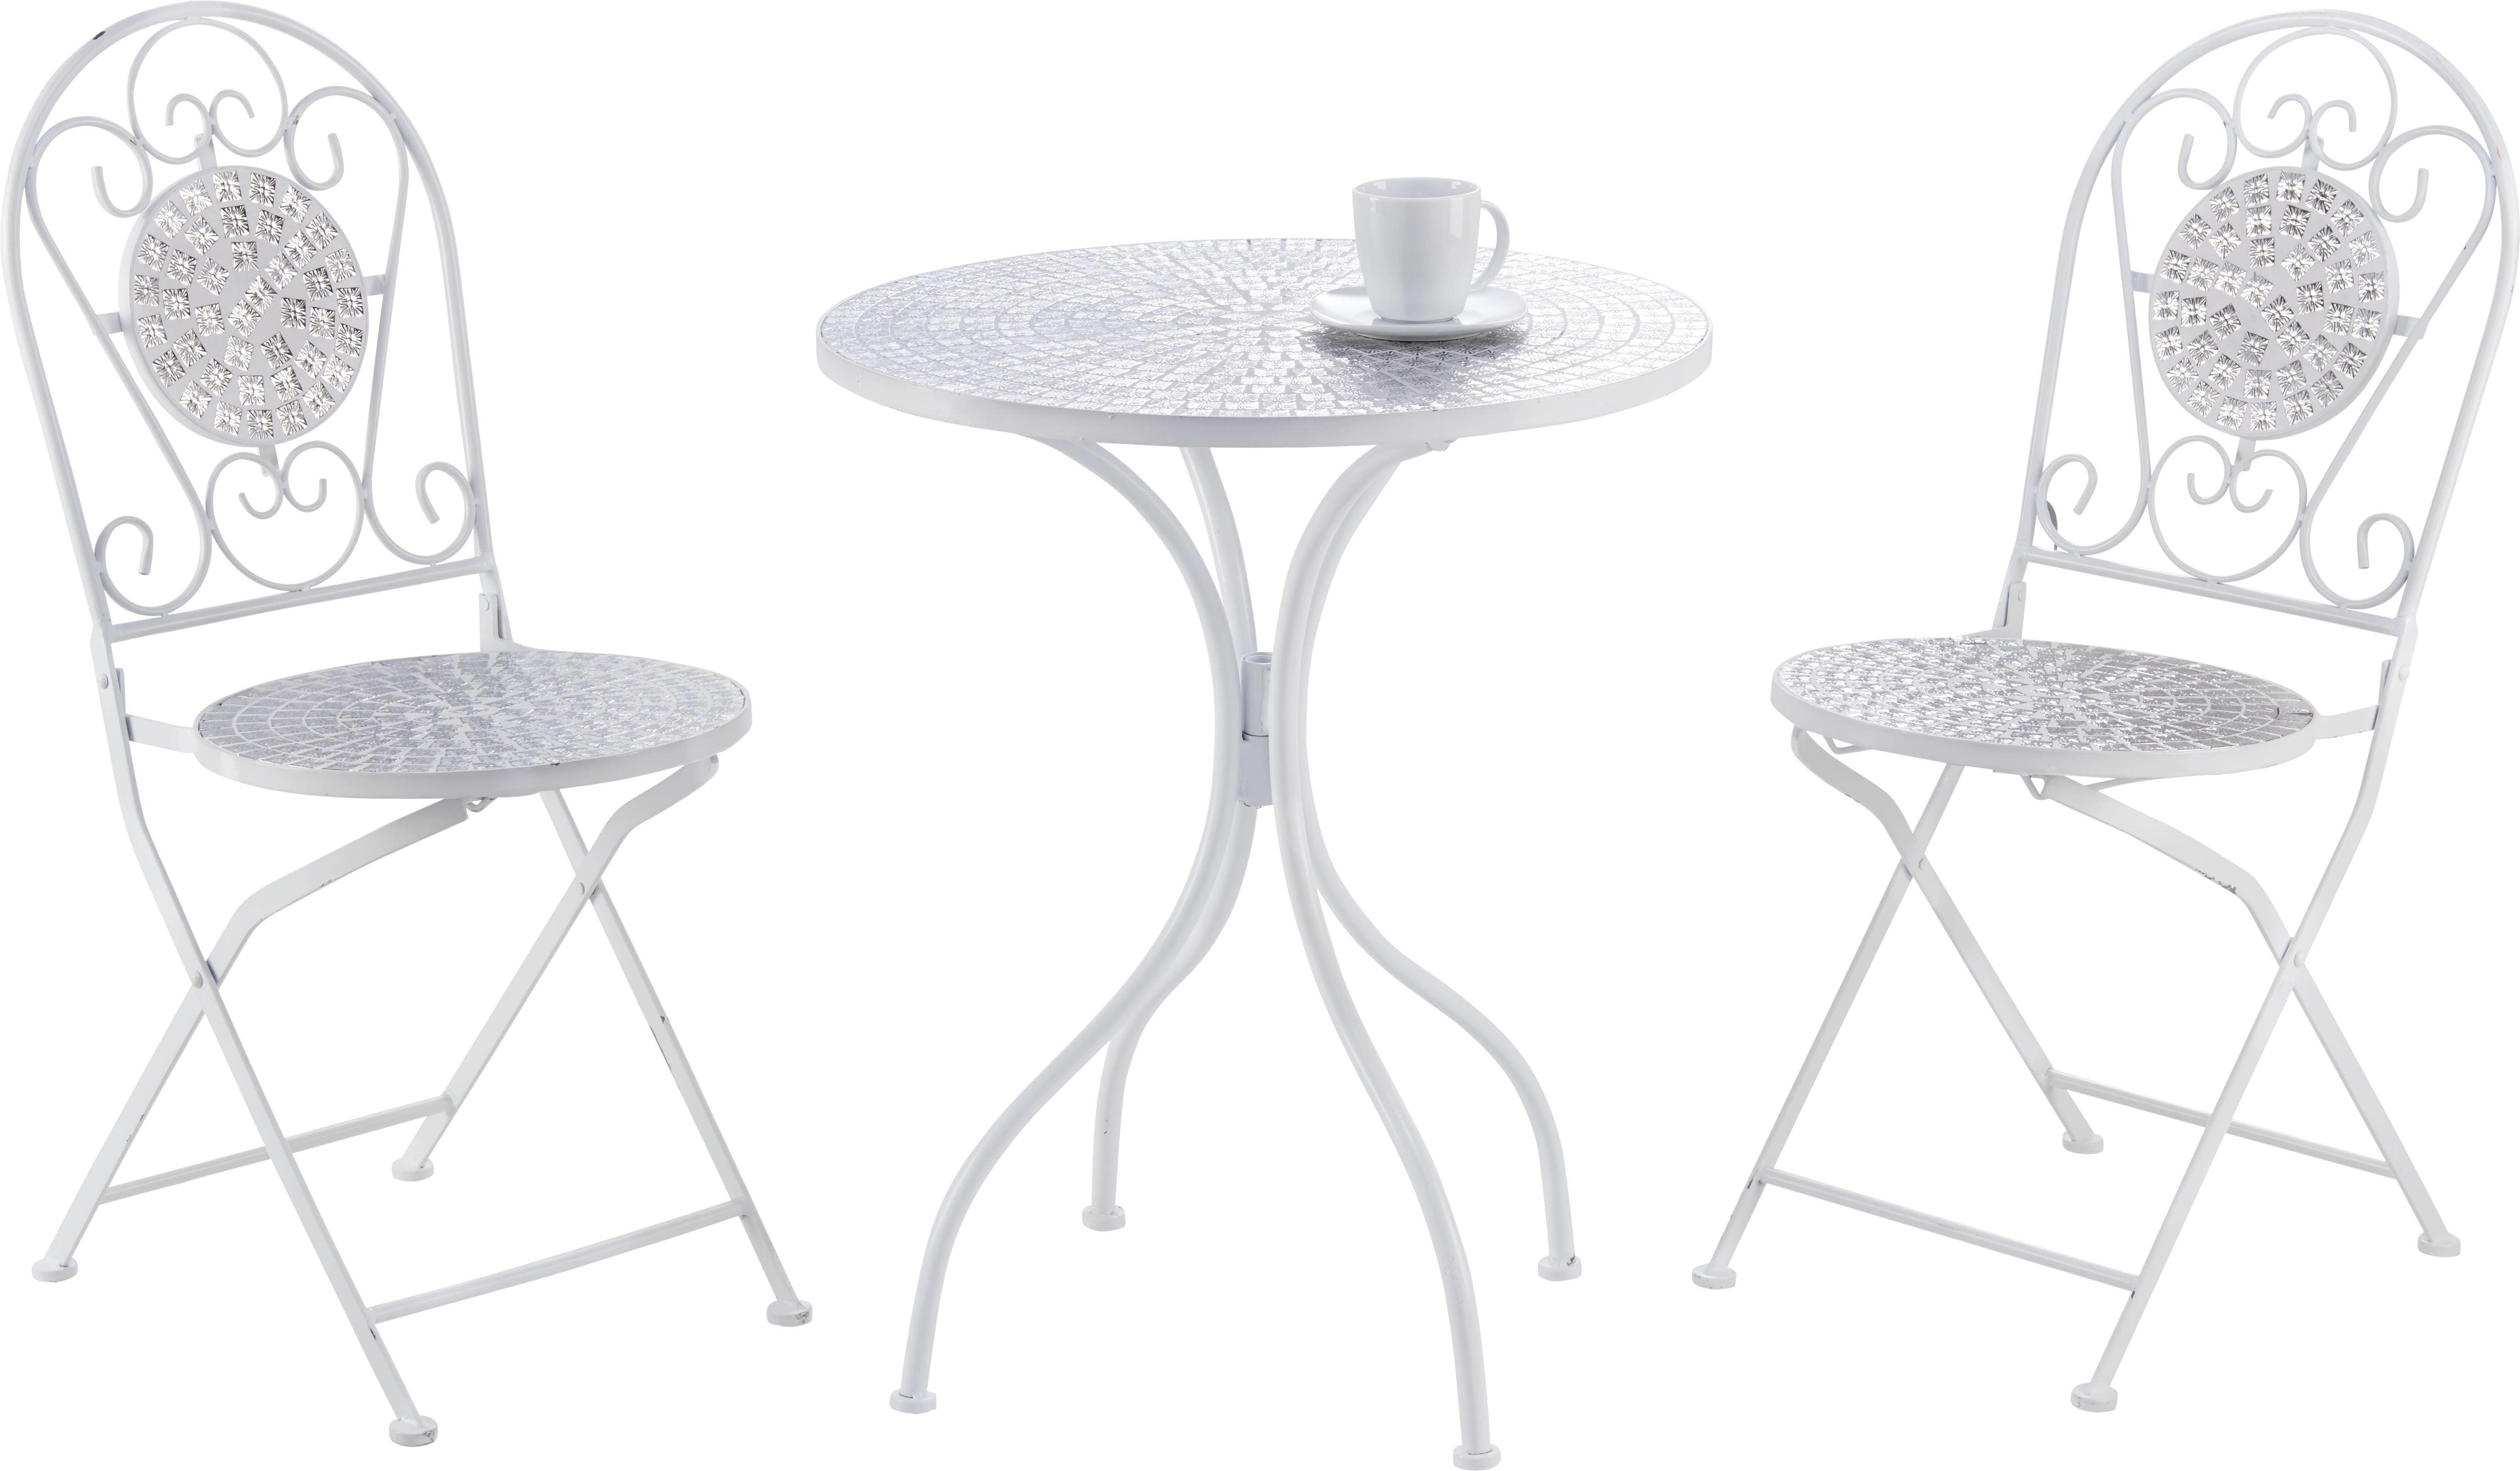 Gartenmöbel-Sets & Gartensets in tollen Designs | XXXLutz